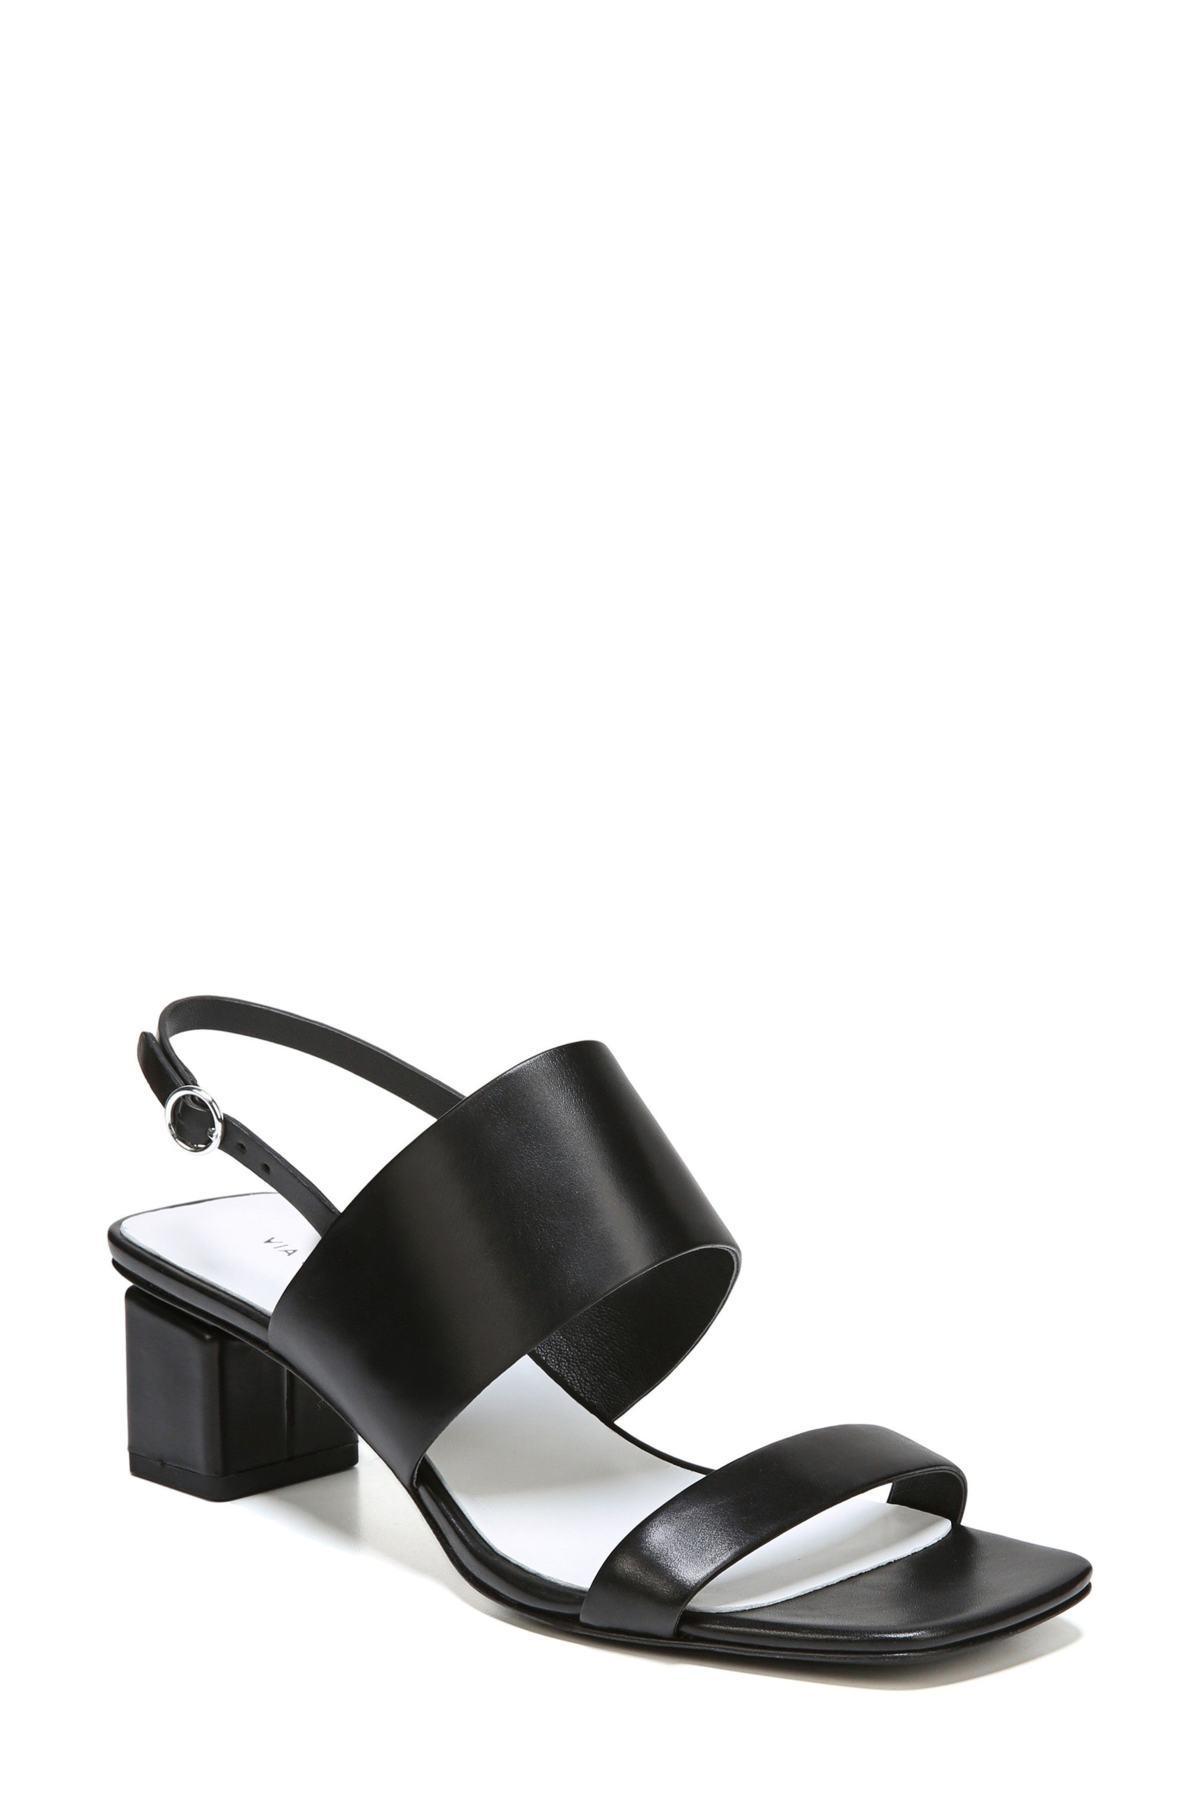 637a0400e30 Lyst - Via Spiga Forte Block Heel Sandal in Black